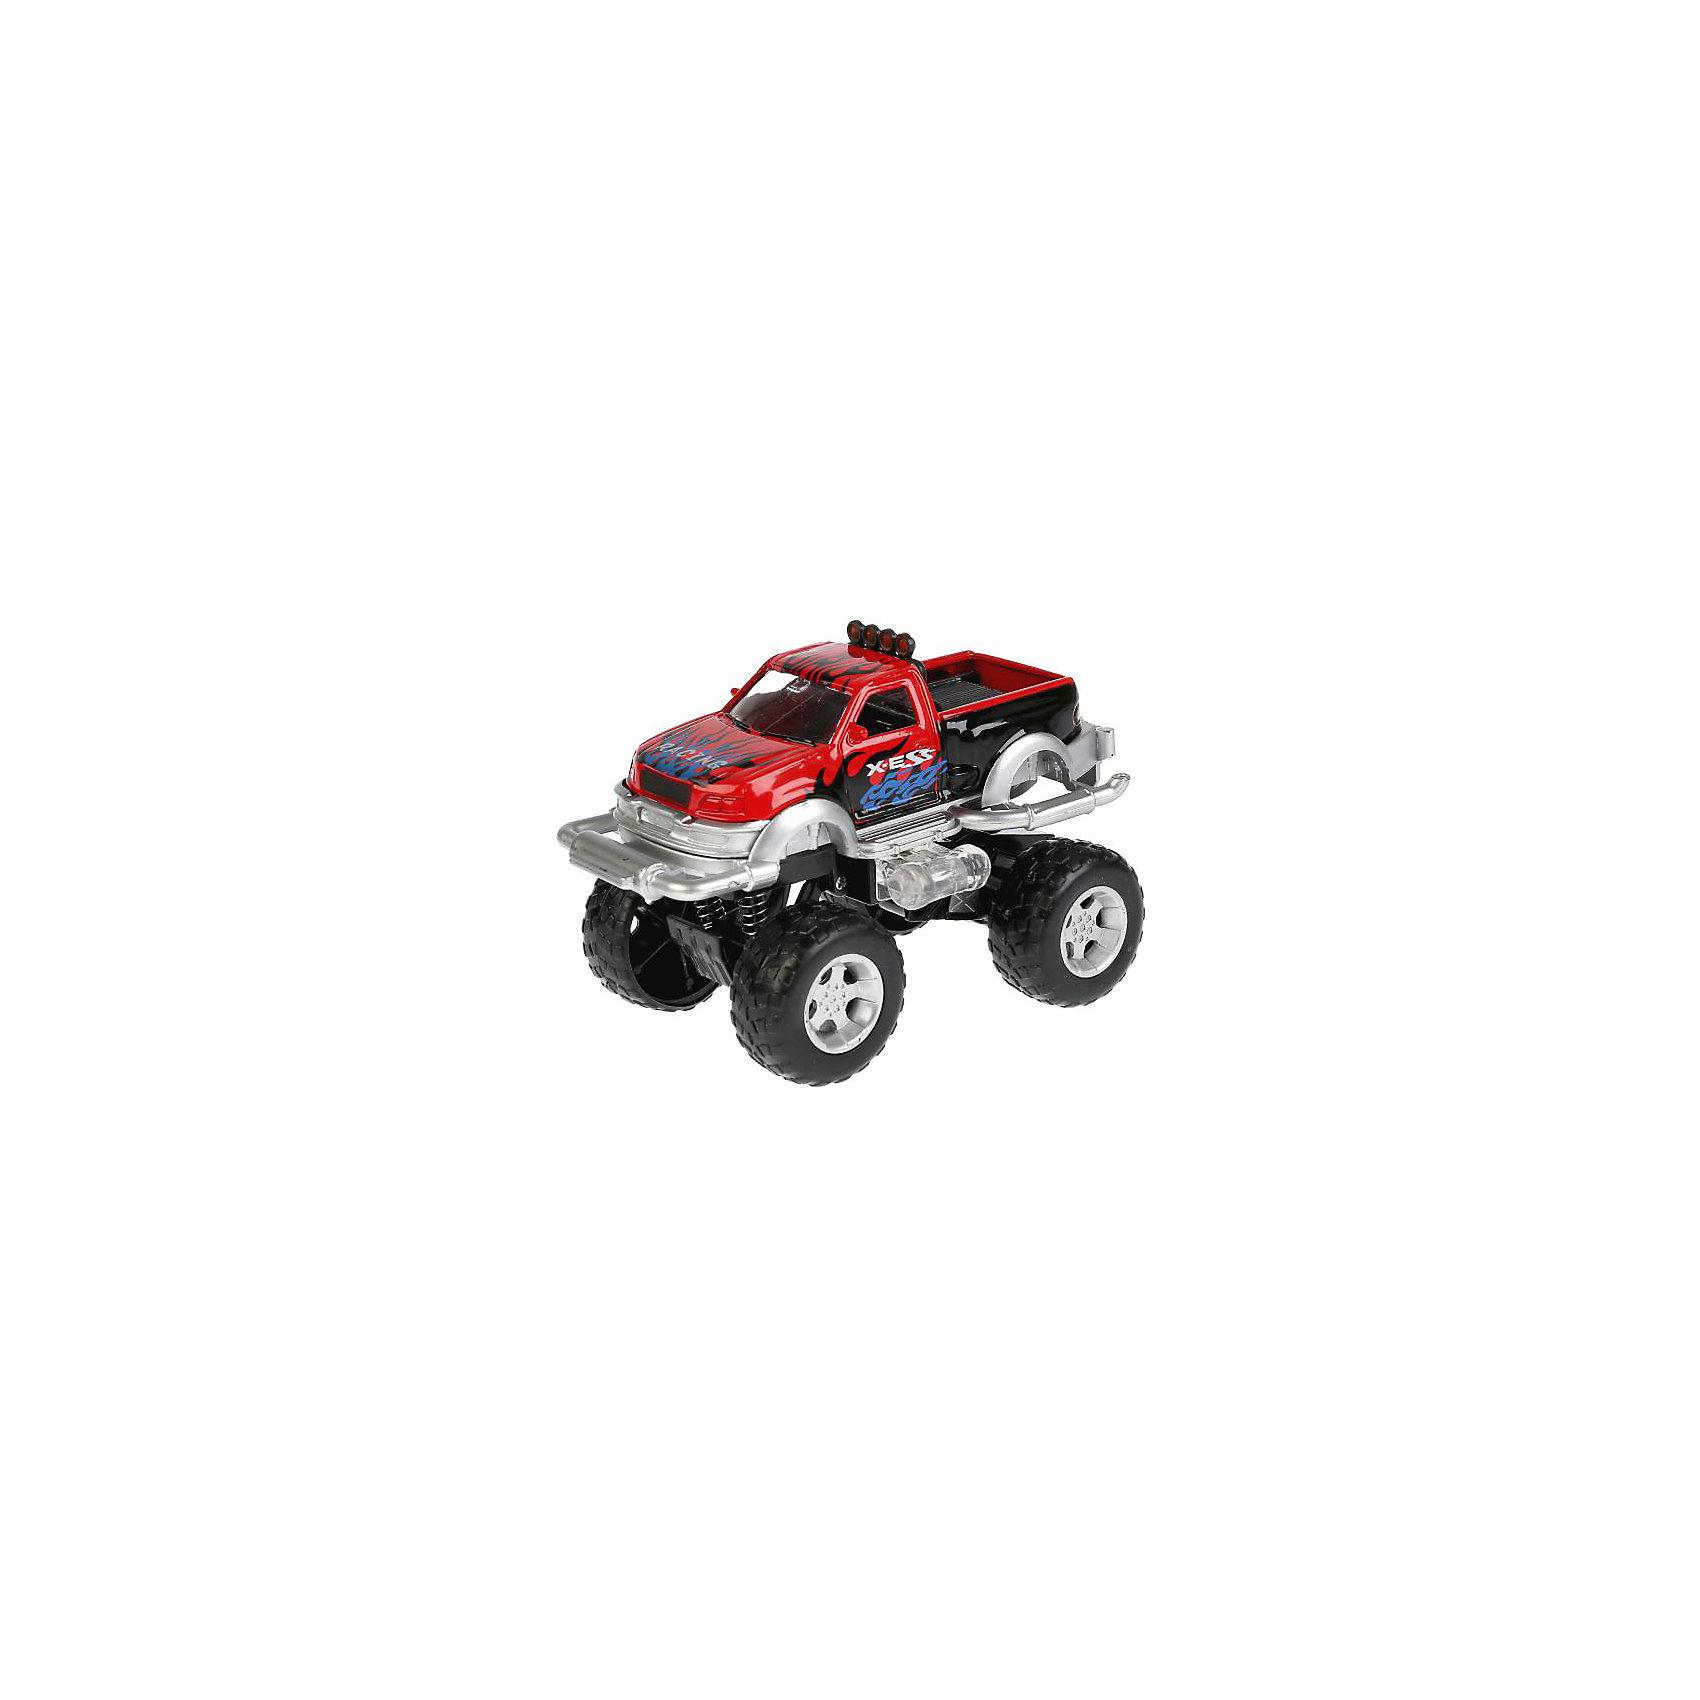 Машина, ТехнопаркМашина, Технопарк<br><br>Характеристики:<br><br>• световые эффекты<br>• звук мотора<br>• инерционный механизм<br>• материал: металл, пластик<br>• длина игрушки: 11 см<br>• размер упаковки: 19х17х9 см<br>• вес: 200 грамм<br>• батарейки: AG13 - 2 шт. (входят в комплект)<br><br>Машина от ТЕХНОПАРК - восхитительный подарок для любителей больших автомобилей. Модель имеет огромные колеса и инерционный механизм. Достаточно отвести машину назад - и она быстро помчится вперед, радуя ребенка.  Если нажать на капот, то лампочки загорятся синим цветом, а мотор начнет издавать очень правдоподобные звуки. С этой машинкой ваш ребенок будет играть в хорошем настроении!<br><br>Машину, Технопарк вы можете купить в нашем интернет-магазине.<br><br>Ширина мм: 90<br>Глубина мм: 170<br>Высота мм: 190<br>Вес г: 270<br>Возраст от месяцев: 36<br>Возраст до месяцев: 72<br>Пол: Мужской<br>Возраст: Детский<br>SKU: 5099096